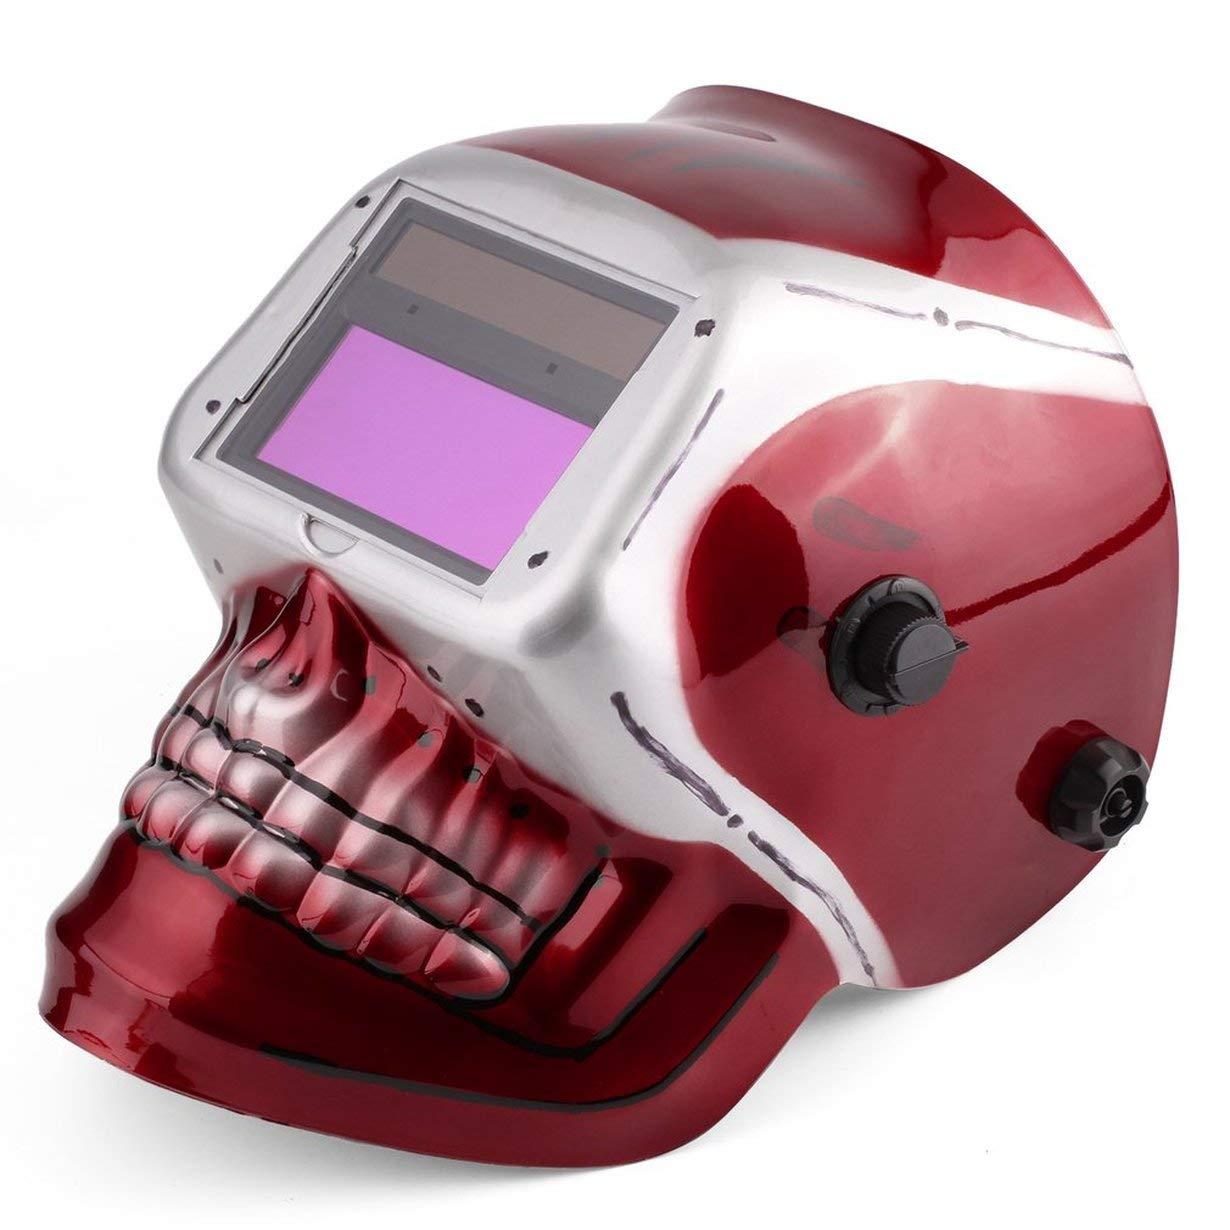 Casco de soldadura con oscurecimiento automático, con energía solar Pro Casco de soldadura con oscurecimiento automático Máscara de arco Tig Mig Mascarilla ...